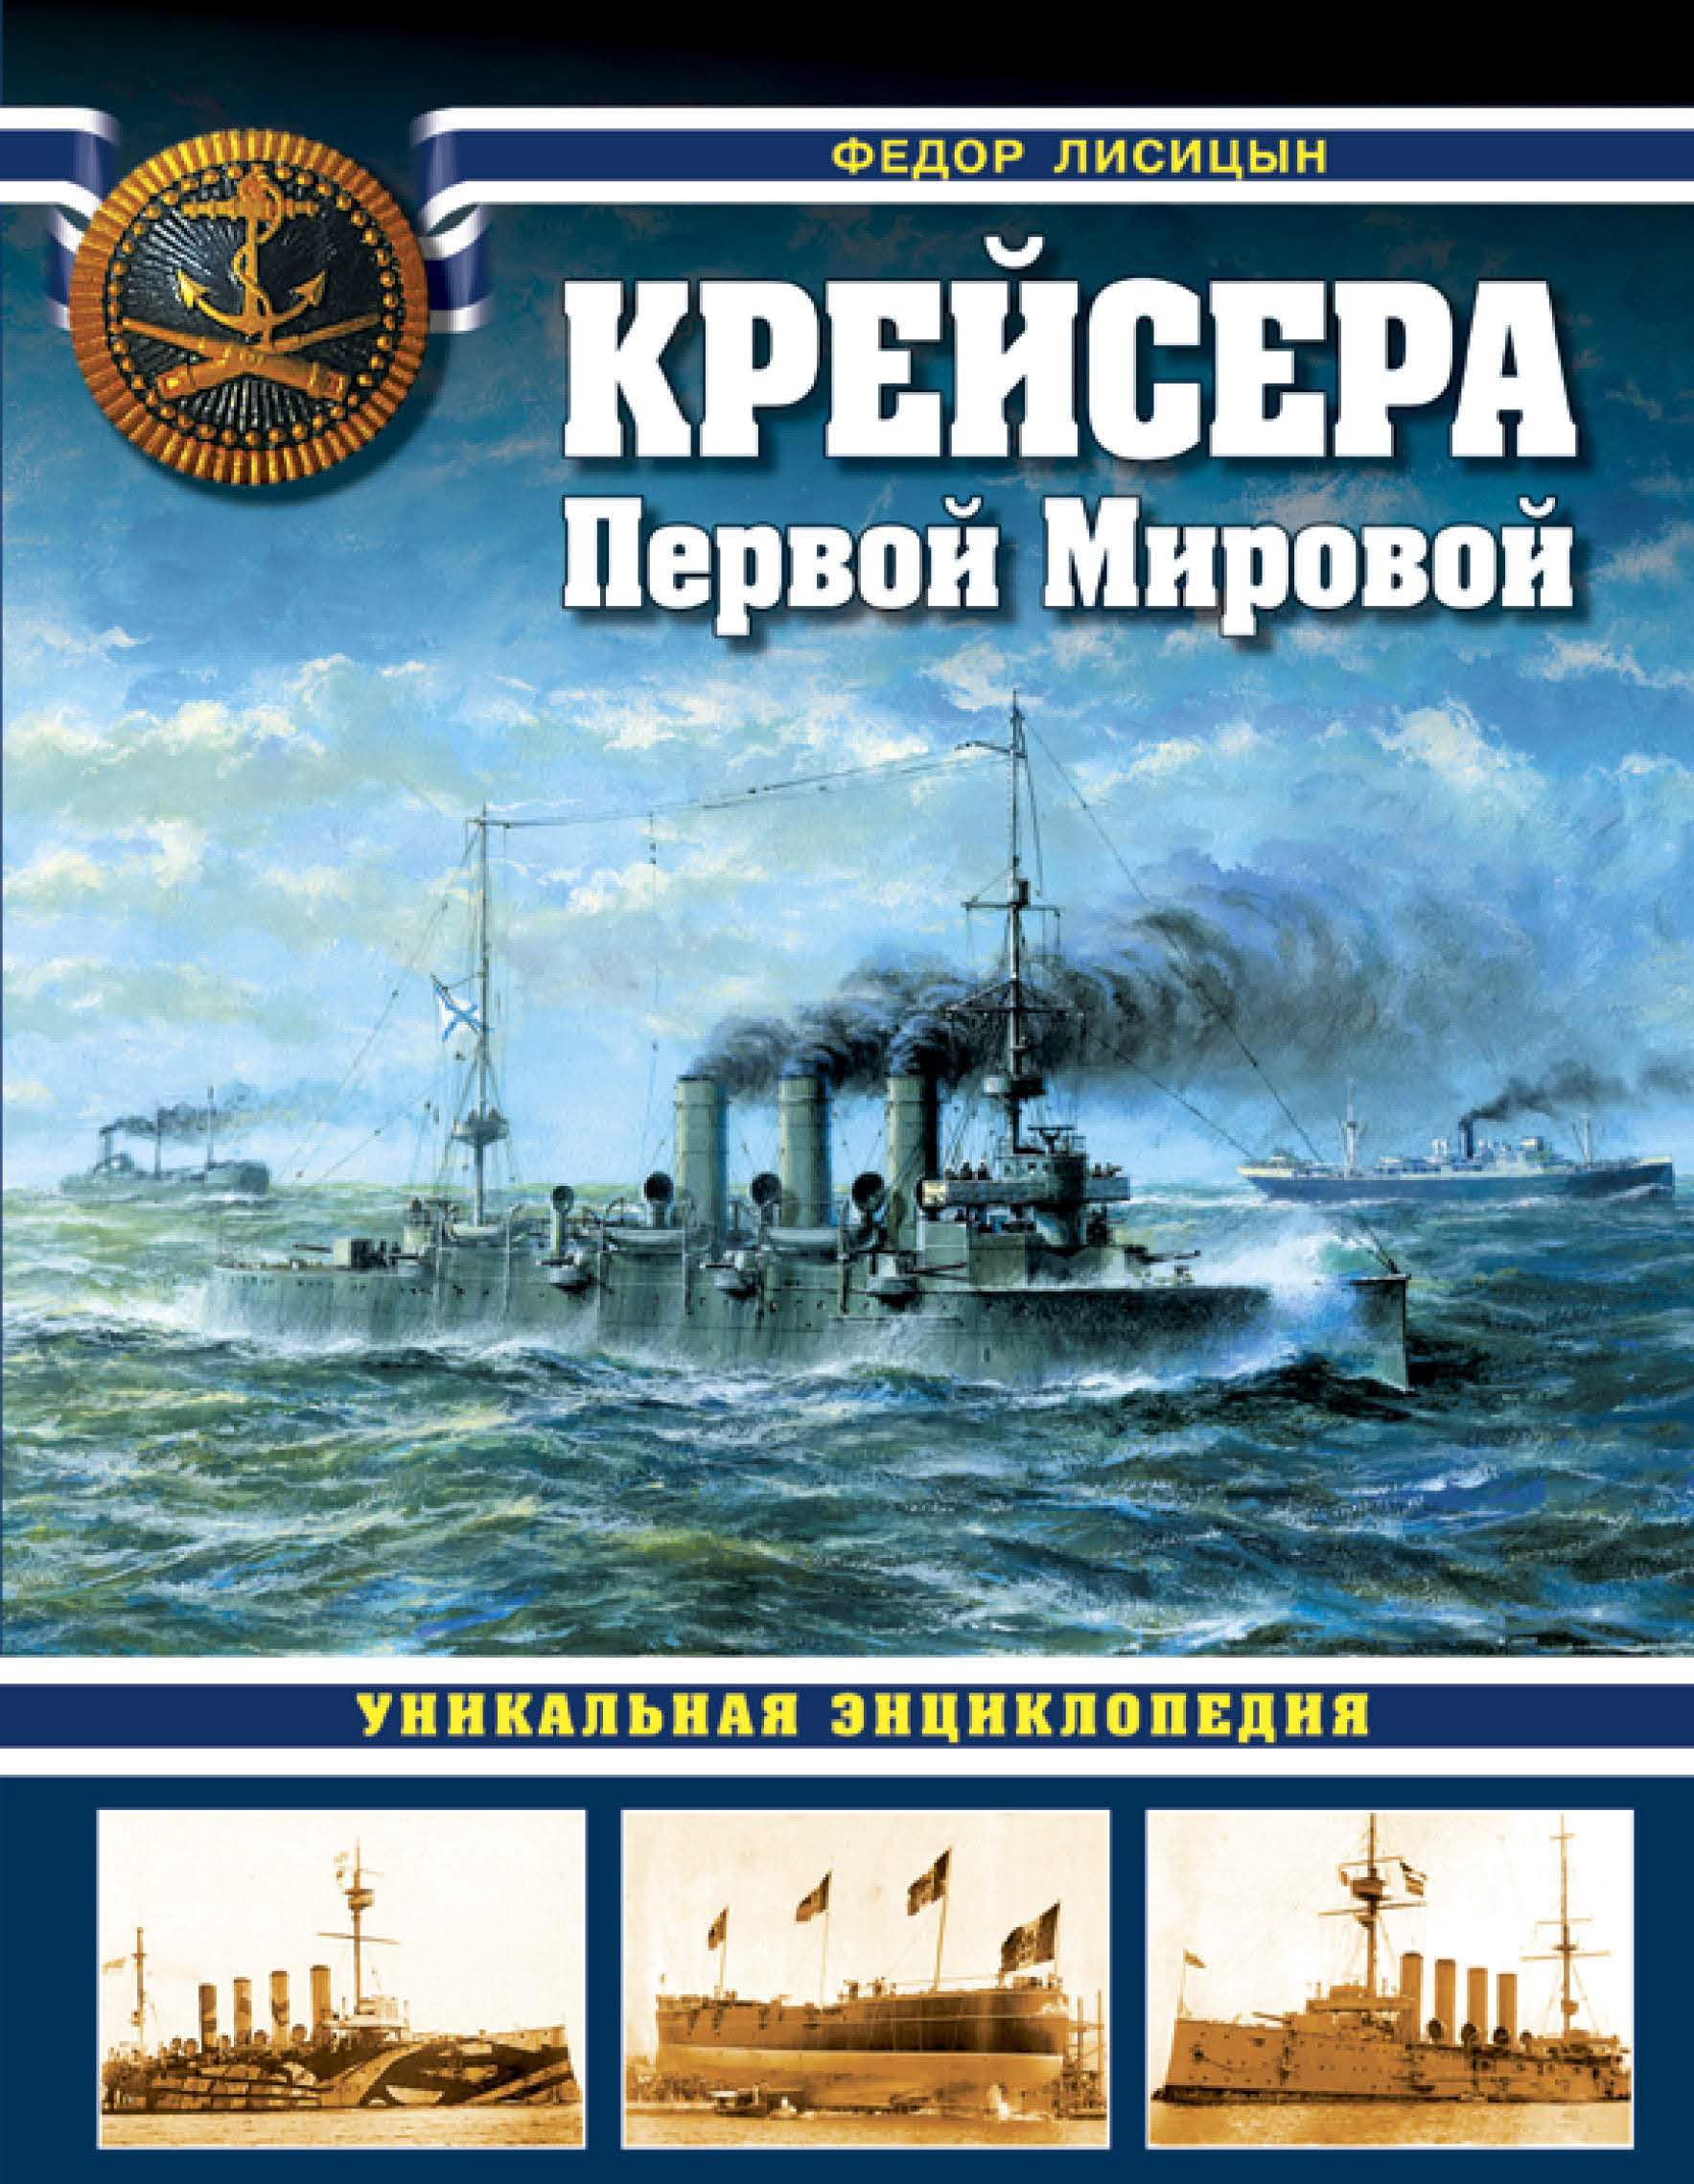 Фёдор Лисицын Крейсера Первой Мировой. Уникальная энциклопедия цена 2017